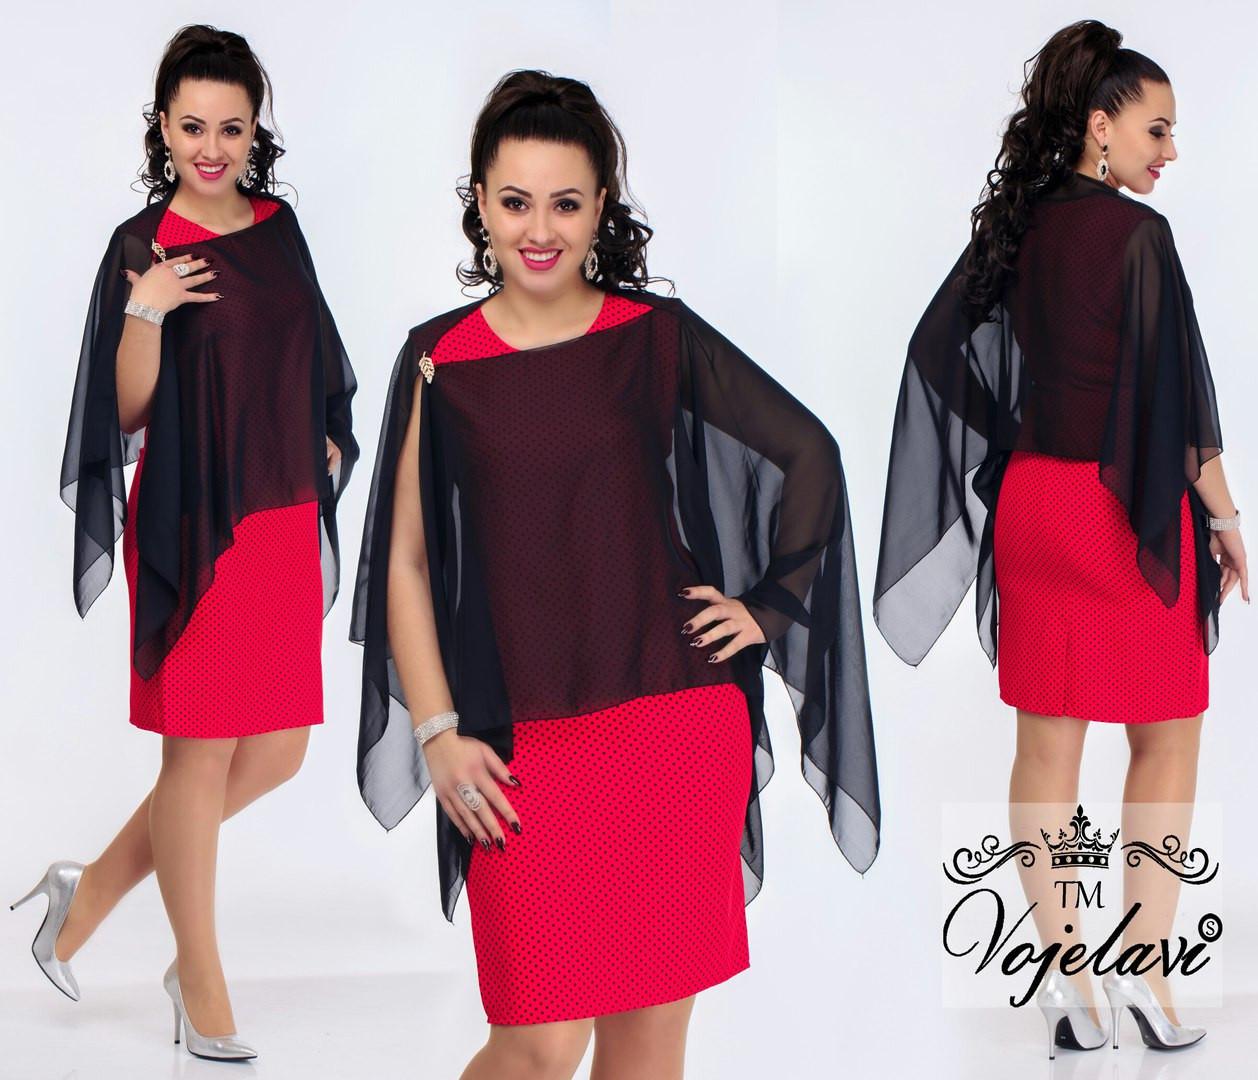 e7622a565fd Весеннее платье с накидкой + брошка 48-54 - Гипермаркет товаров. Цены от  производителя